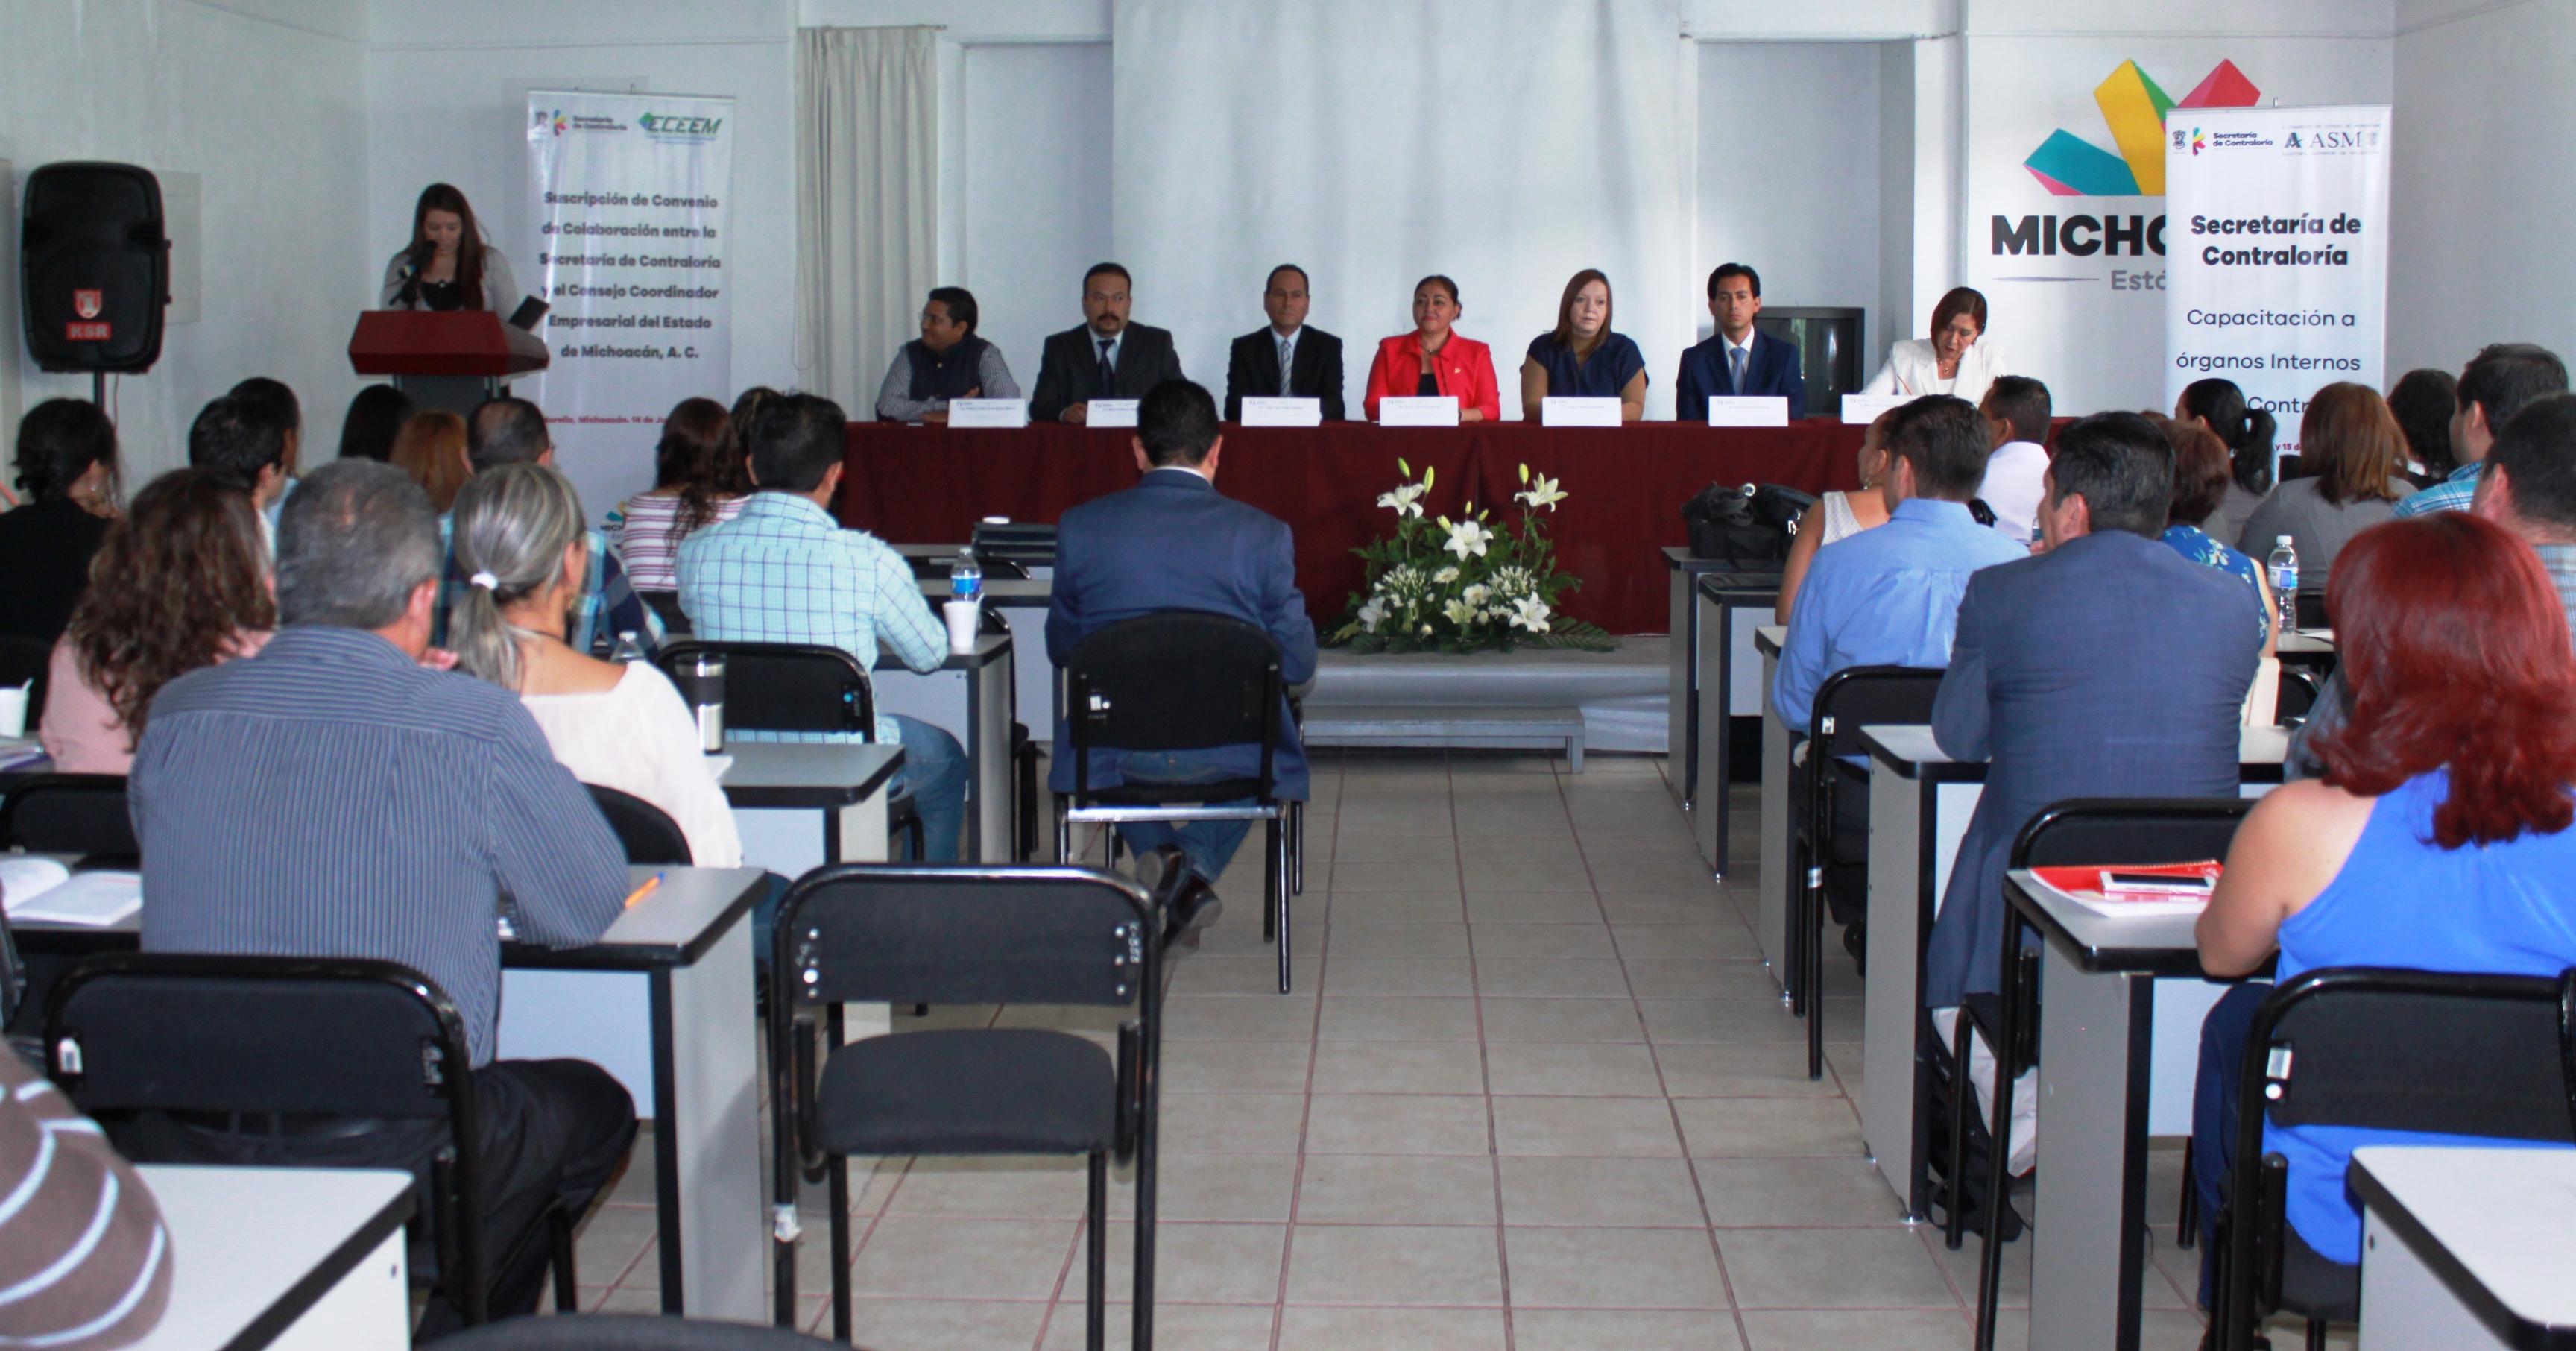 SECOEM   PROFESIONALIZAN A LOS TITULARES DE LOS ÓRGANOS INTERNOS DE ...